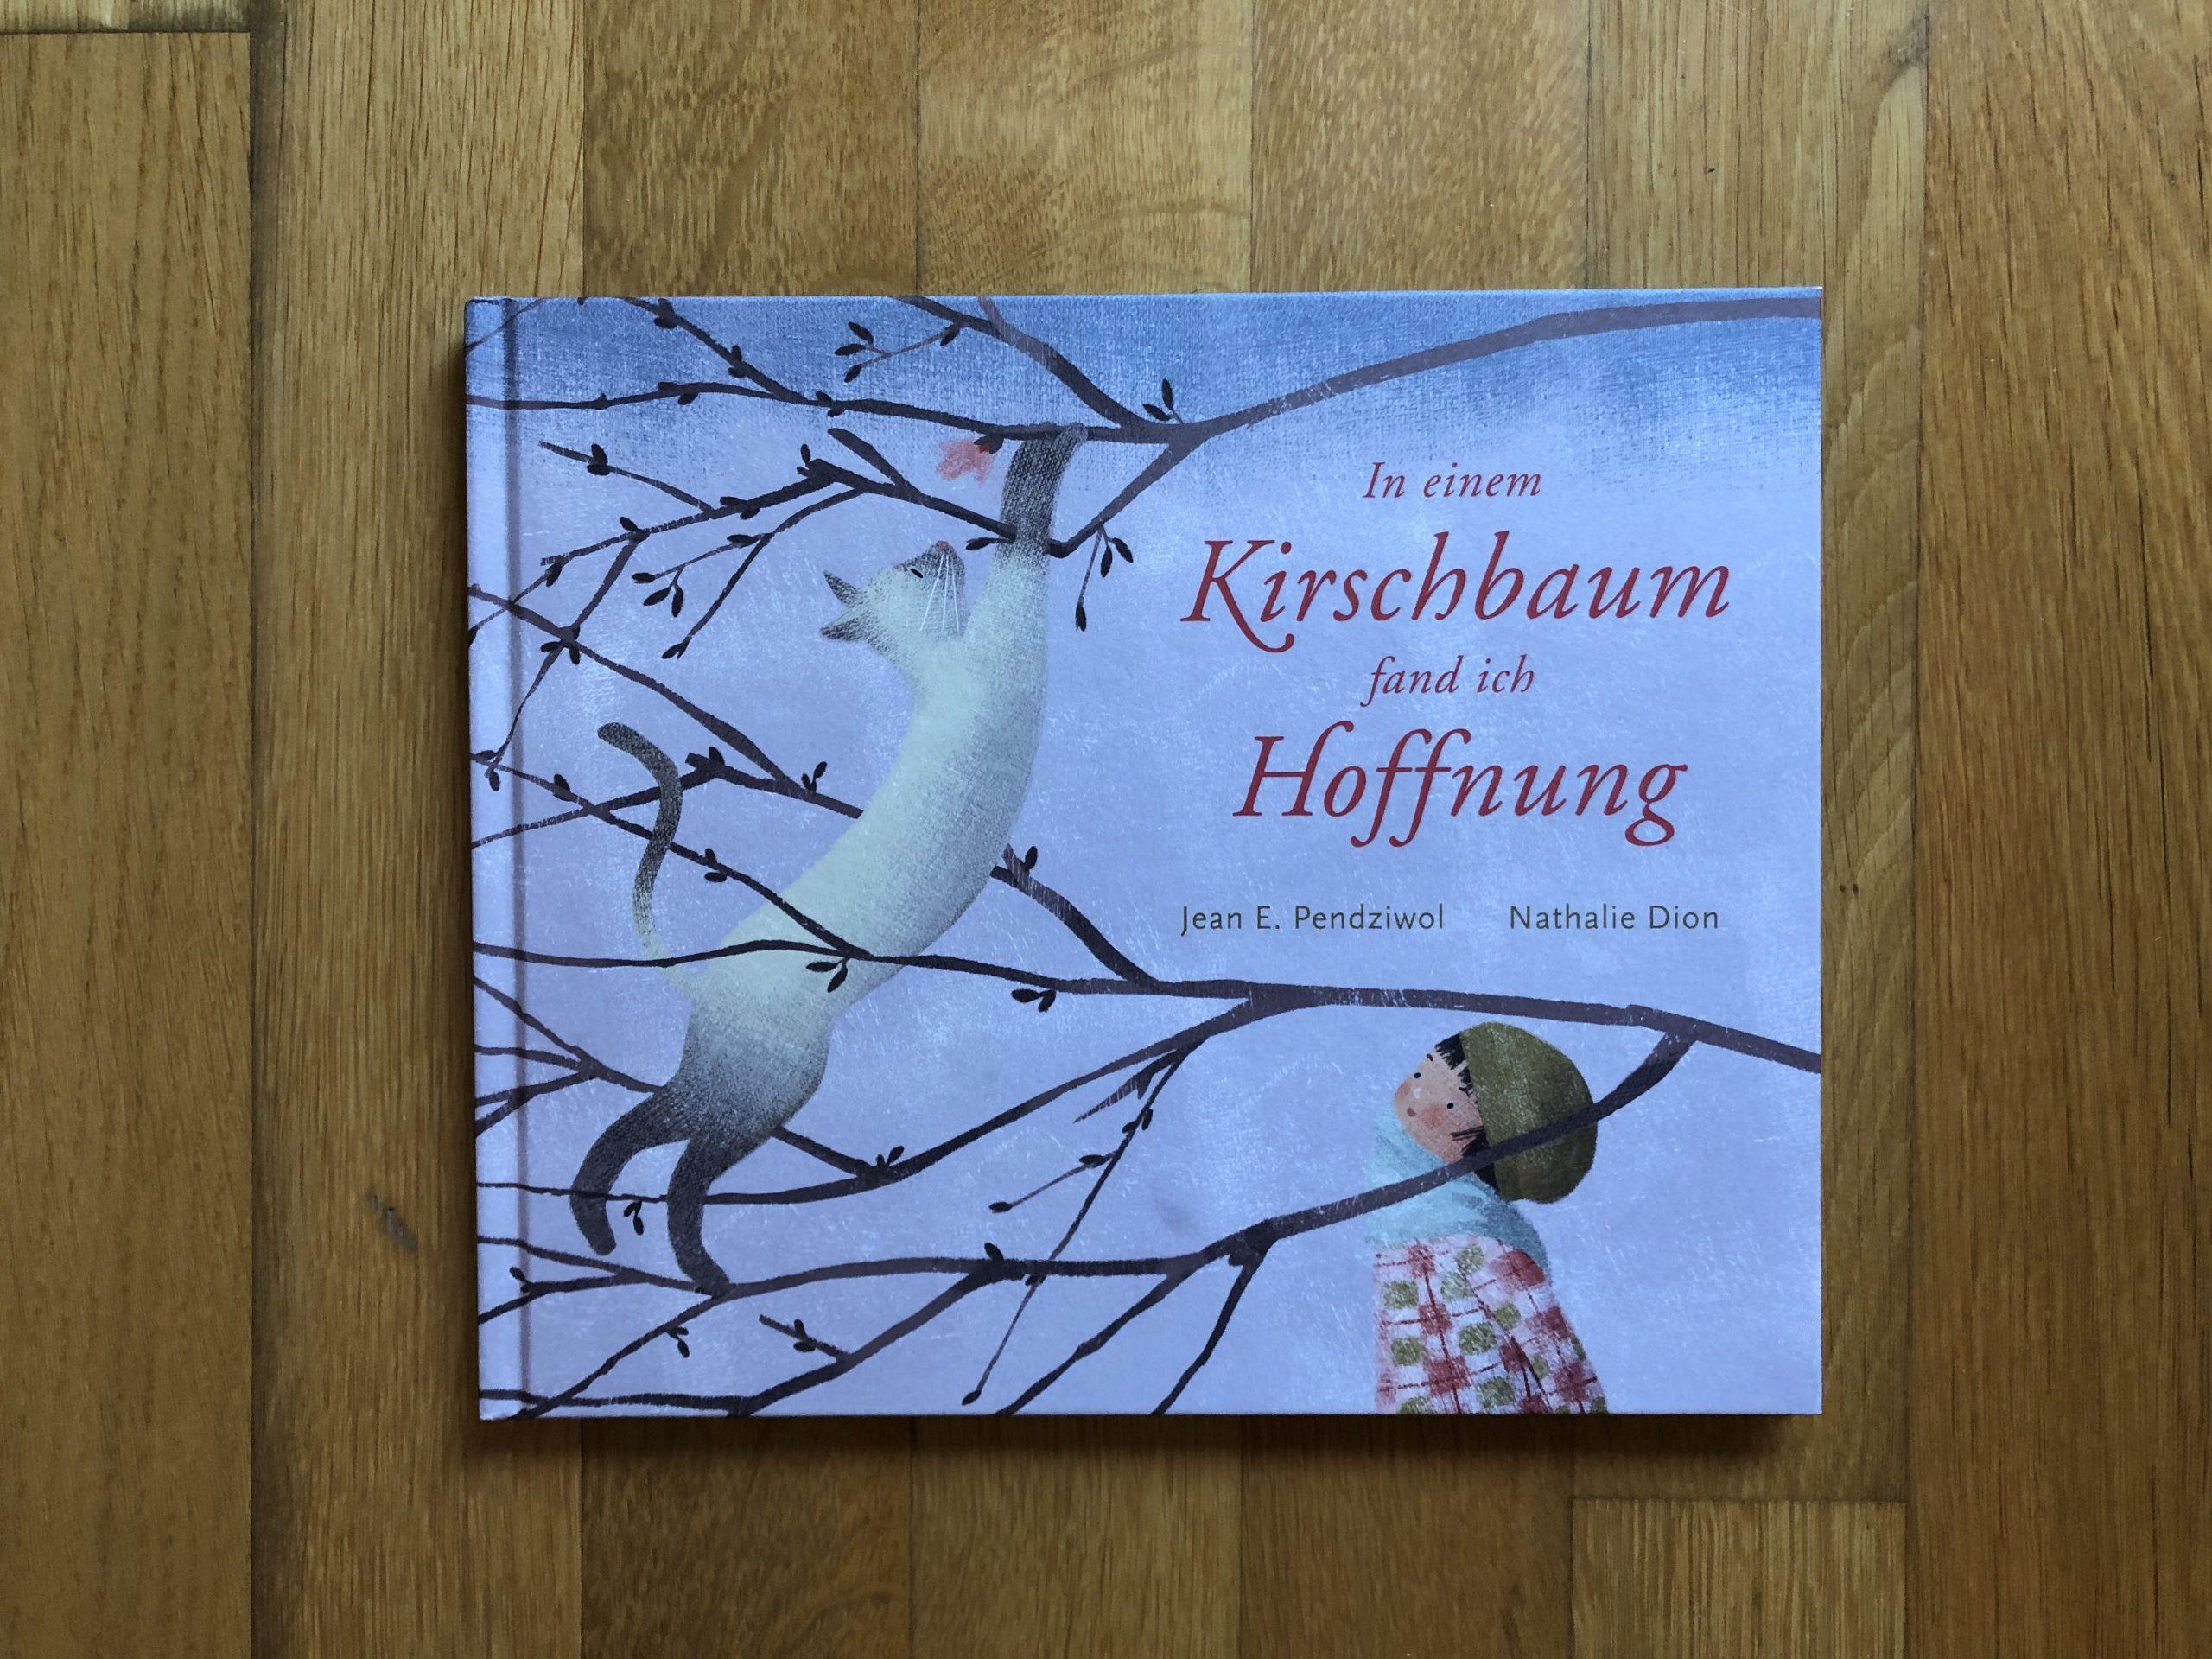 In einem Kirschbaum fand ich Hoffnung